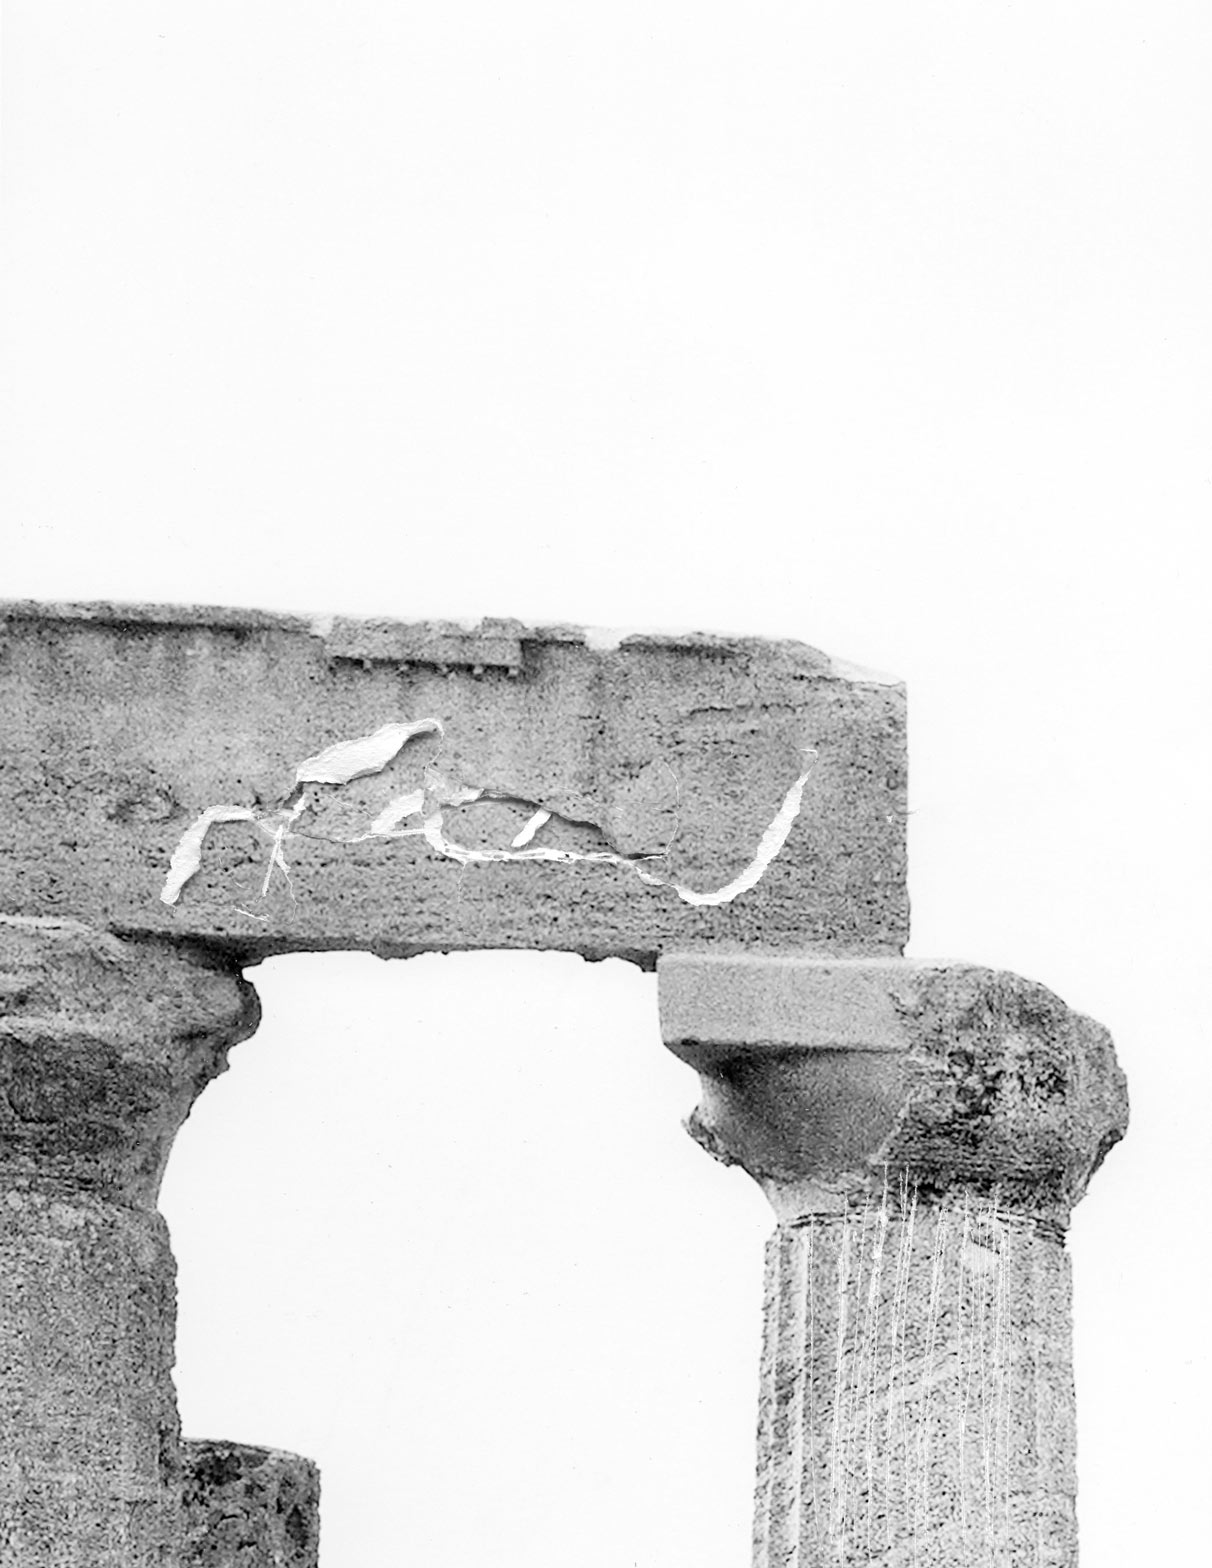 """Lauréate de la Résidence BMW 2016 au musée Nicéphore Niépce, Dune Varela travaille sur le paysage et sa représentation. À travers plusieurs temporalités, depuis des photographies issues du fonds du musée et d'Internet, à ses prises de vues, elle interroge la fragilité du support photographique. Imprimées sur des matériaux aussi divers que le plâtre, le verre ou la céramique. """"Soleil noir, temple d'Héra"""", 2017. Avec l'aimable autorisation de Dune Varela/Résidence BMW."""